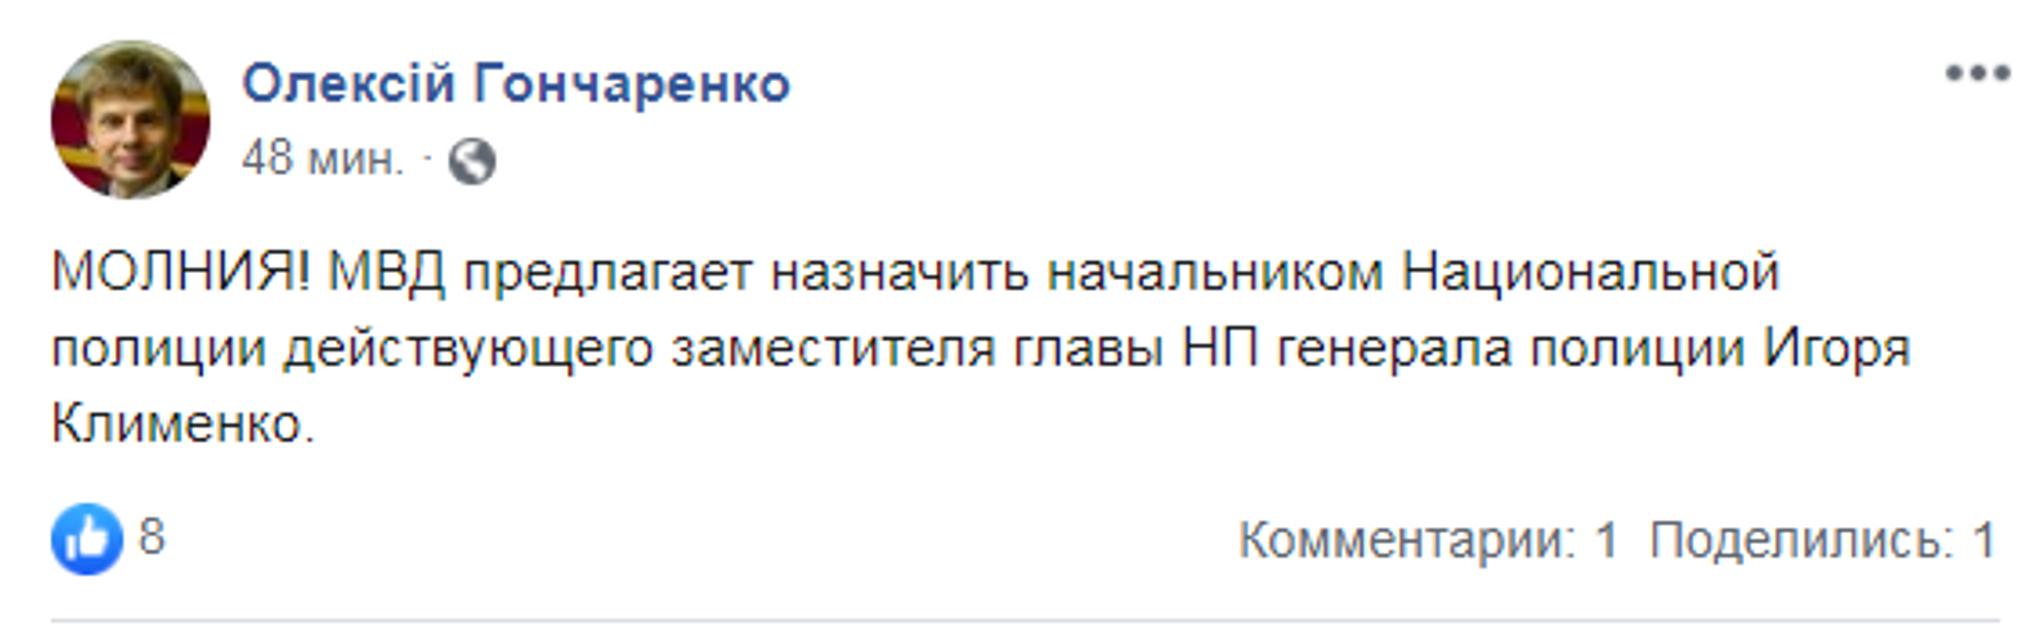 В МВД нашли замену Князеву. Кто же это? - фото 188404